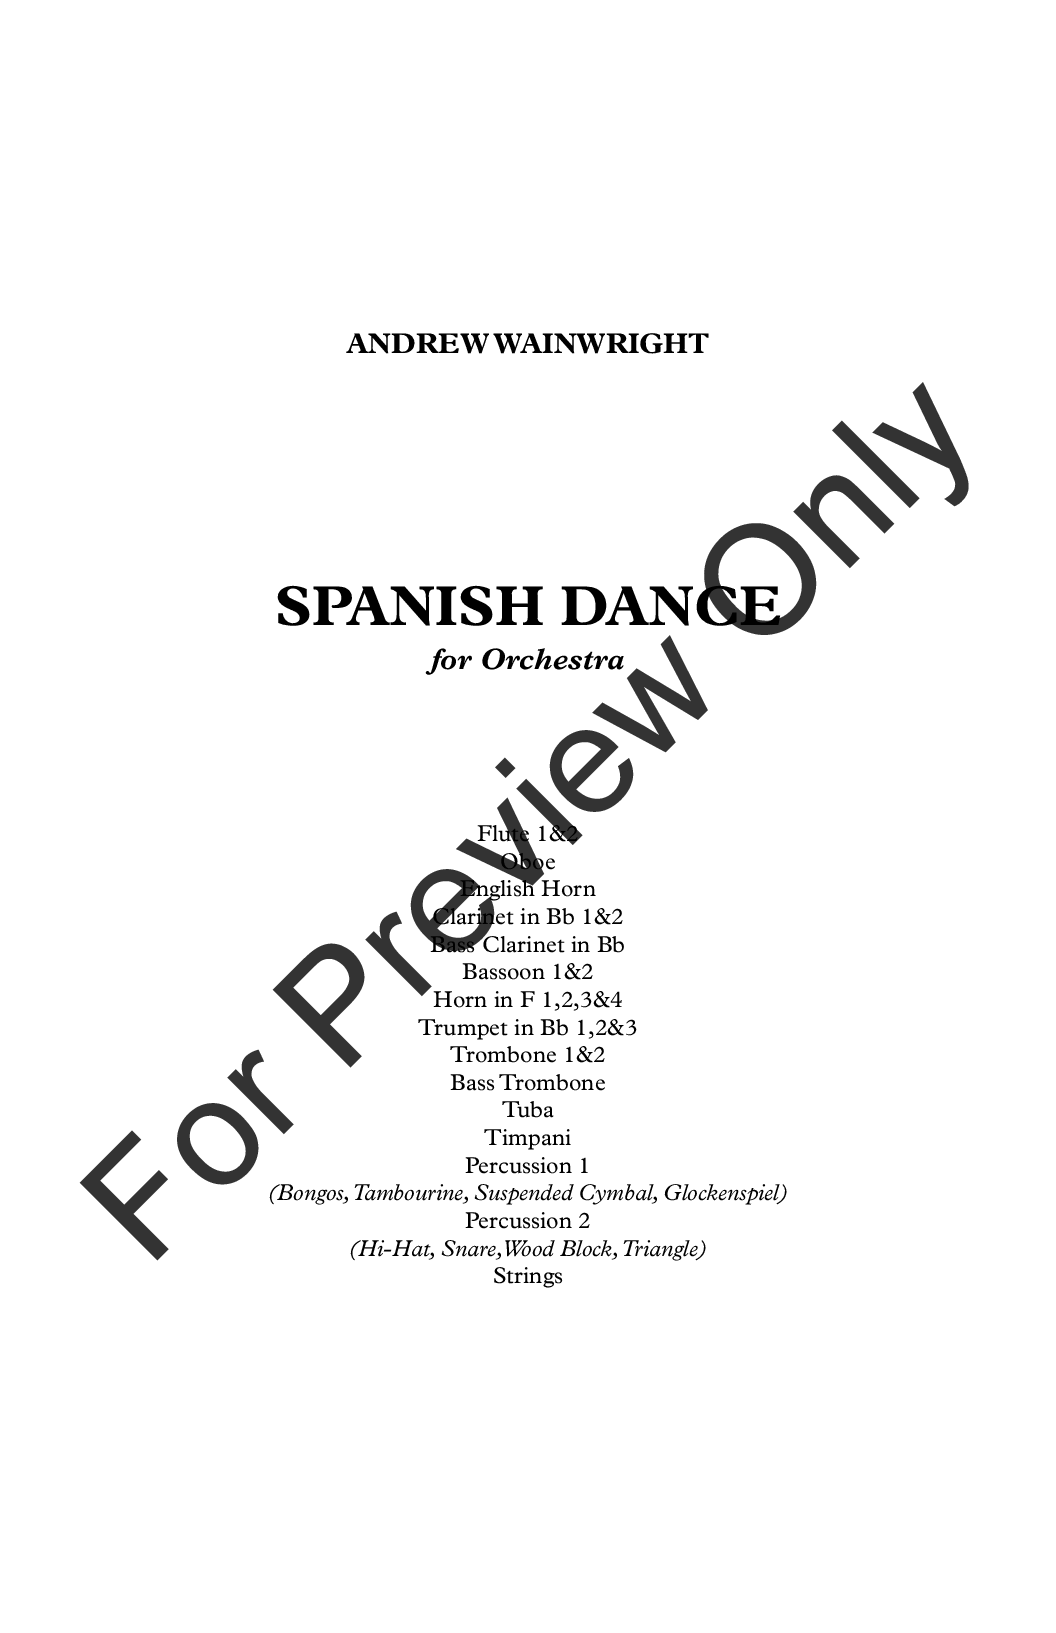 Spanish Dance Thumbnail